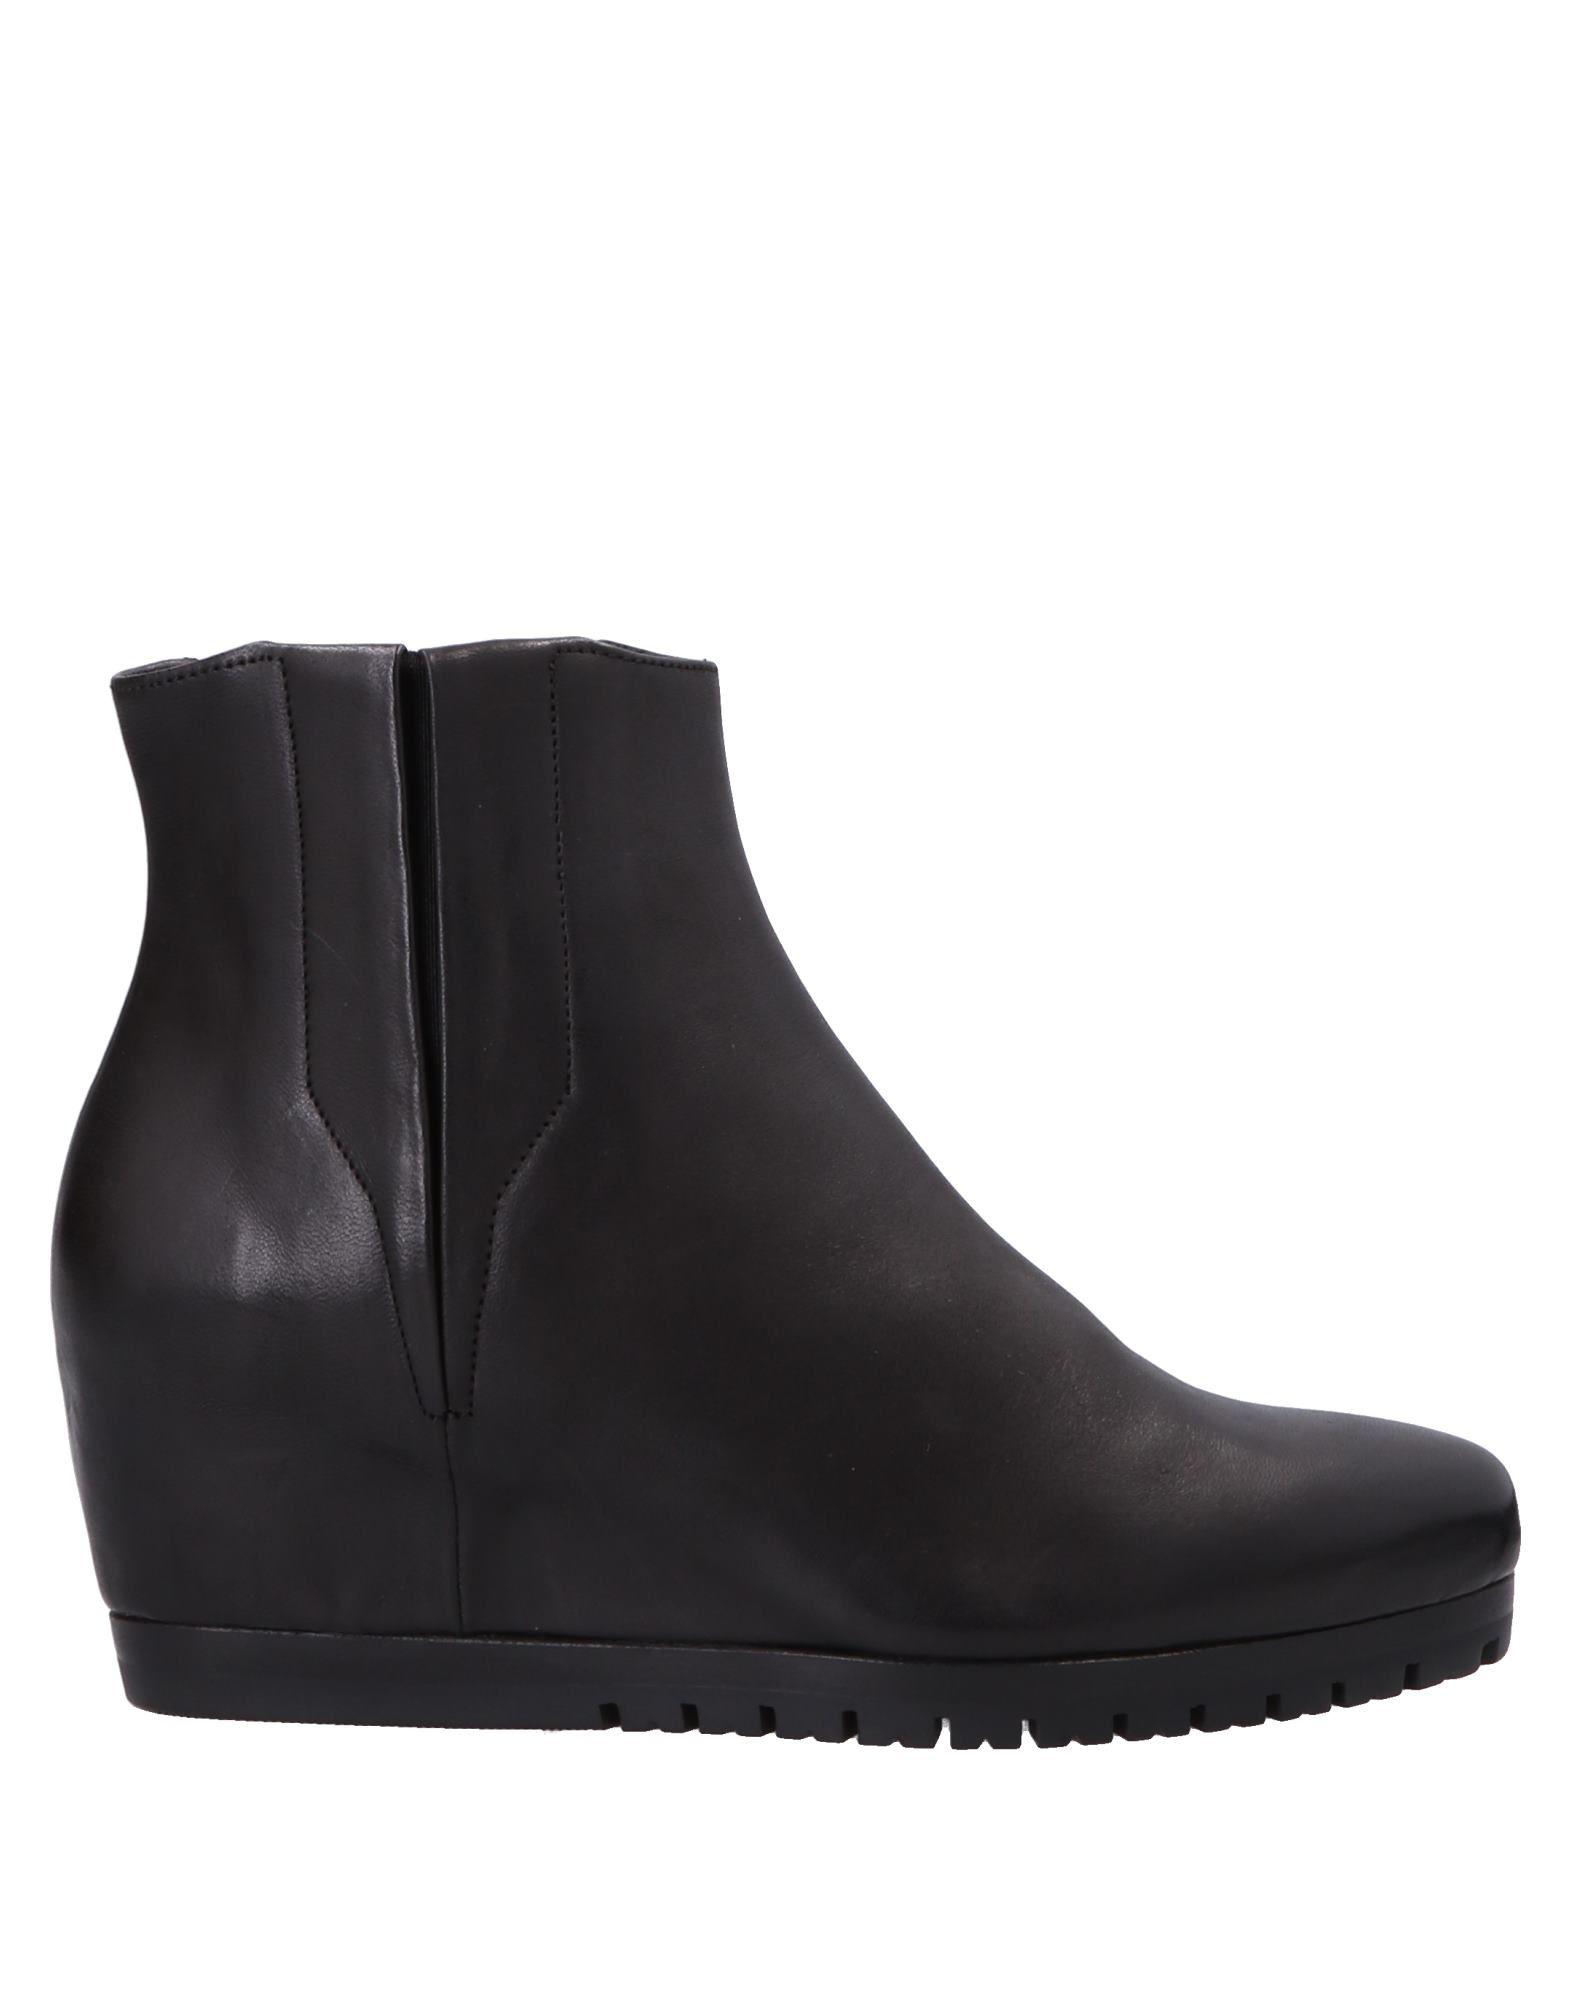 I.N.K. Shoes Stiefelette Damen  11546876PDGut aussehende strapazierfähige Schuhe